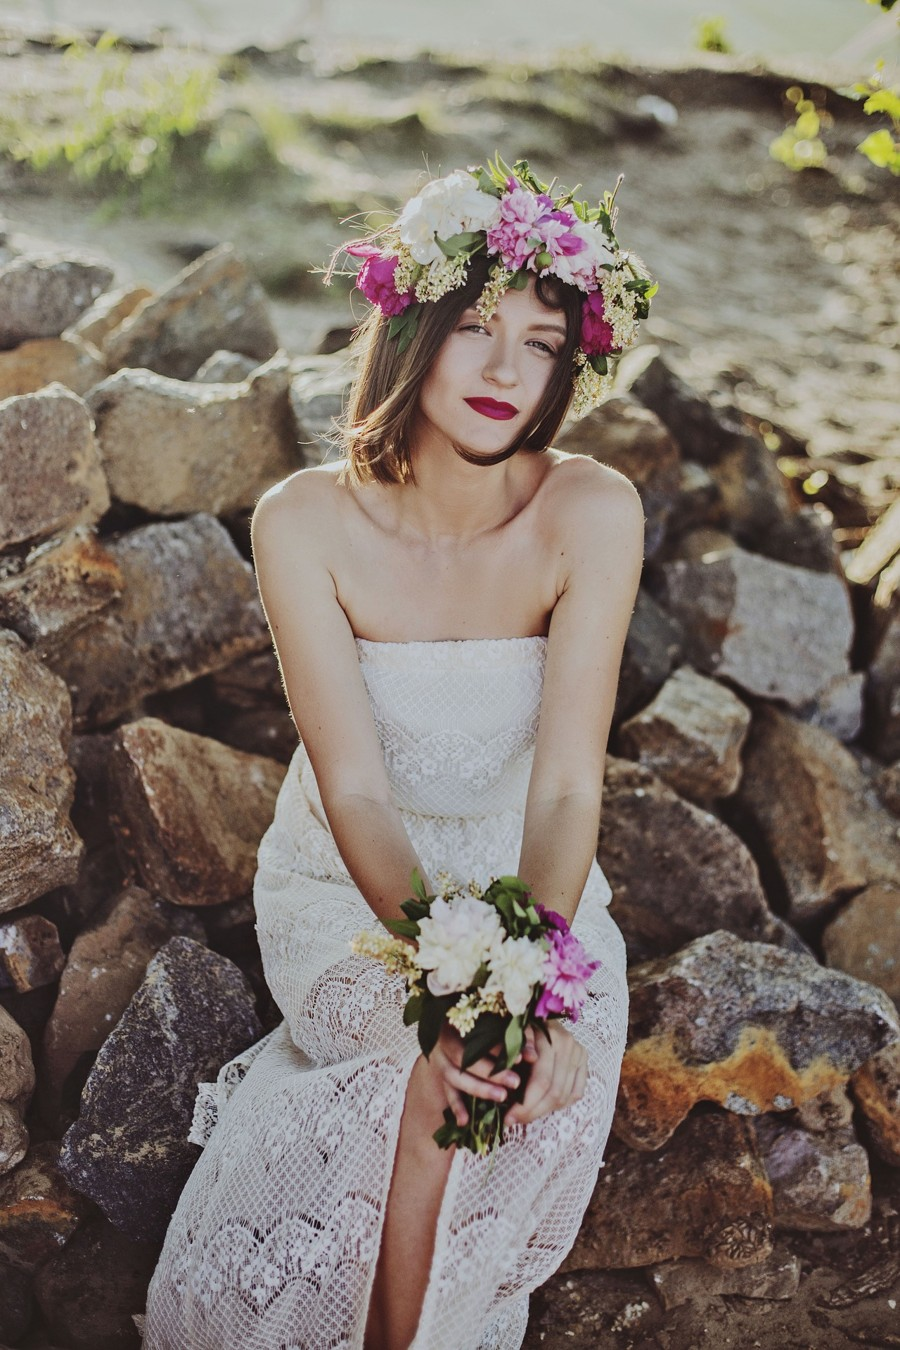 Bohémské svatební šaty jsou pohodlné, cenově přijatelné a sexy.